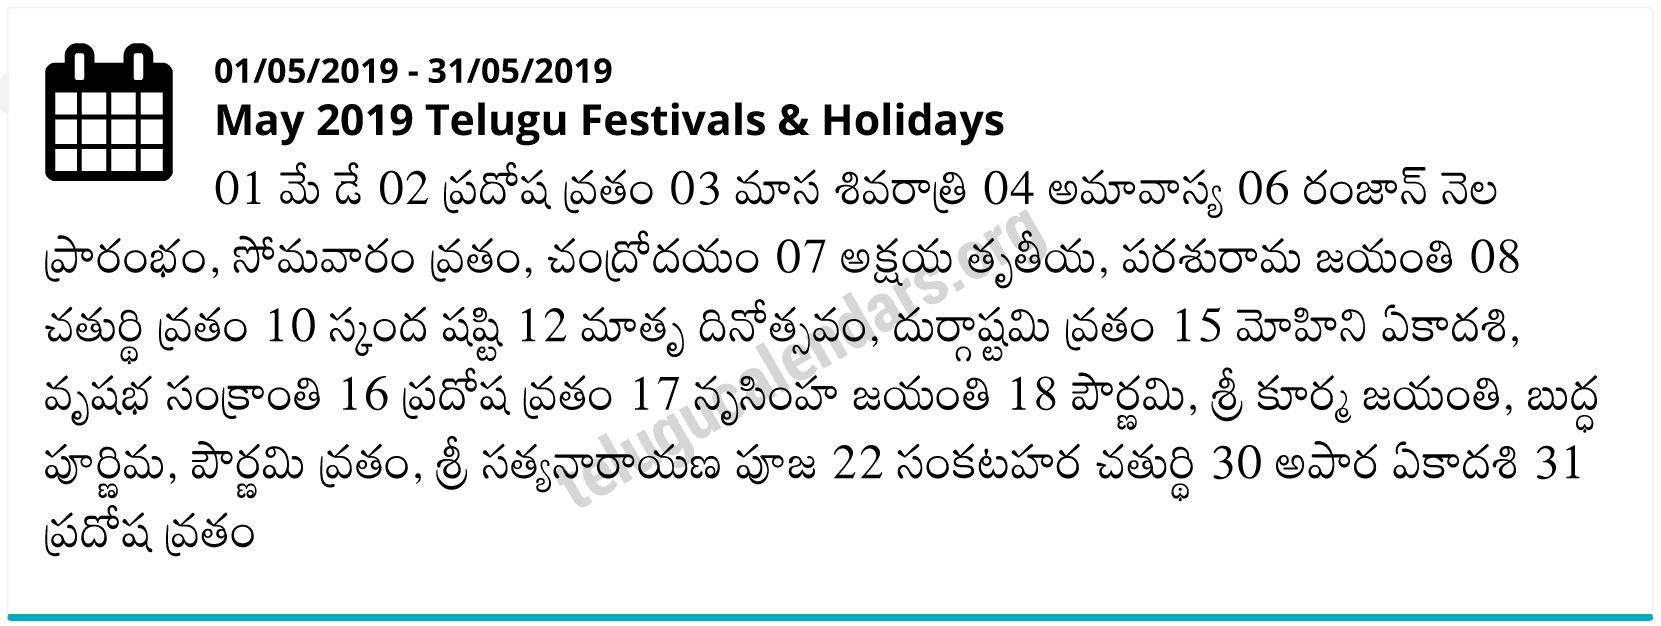 Telangana Telugu Calendars 2019 May Festivals Pdf